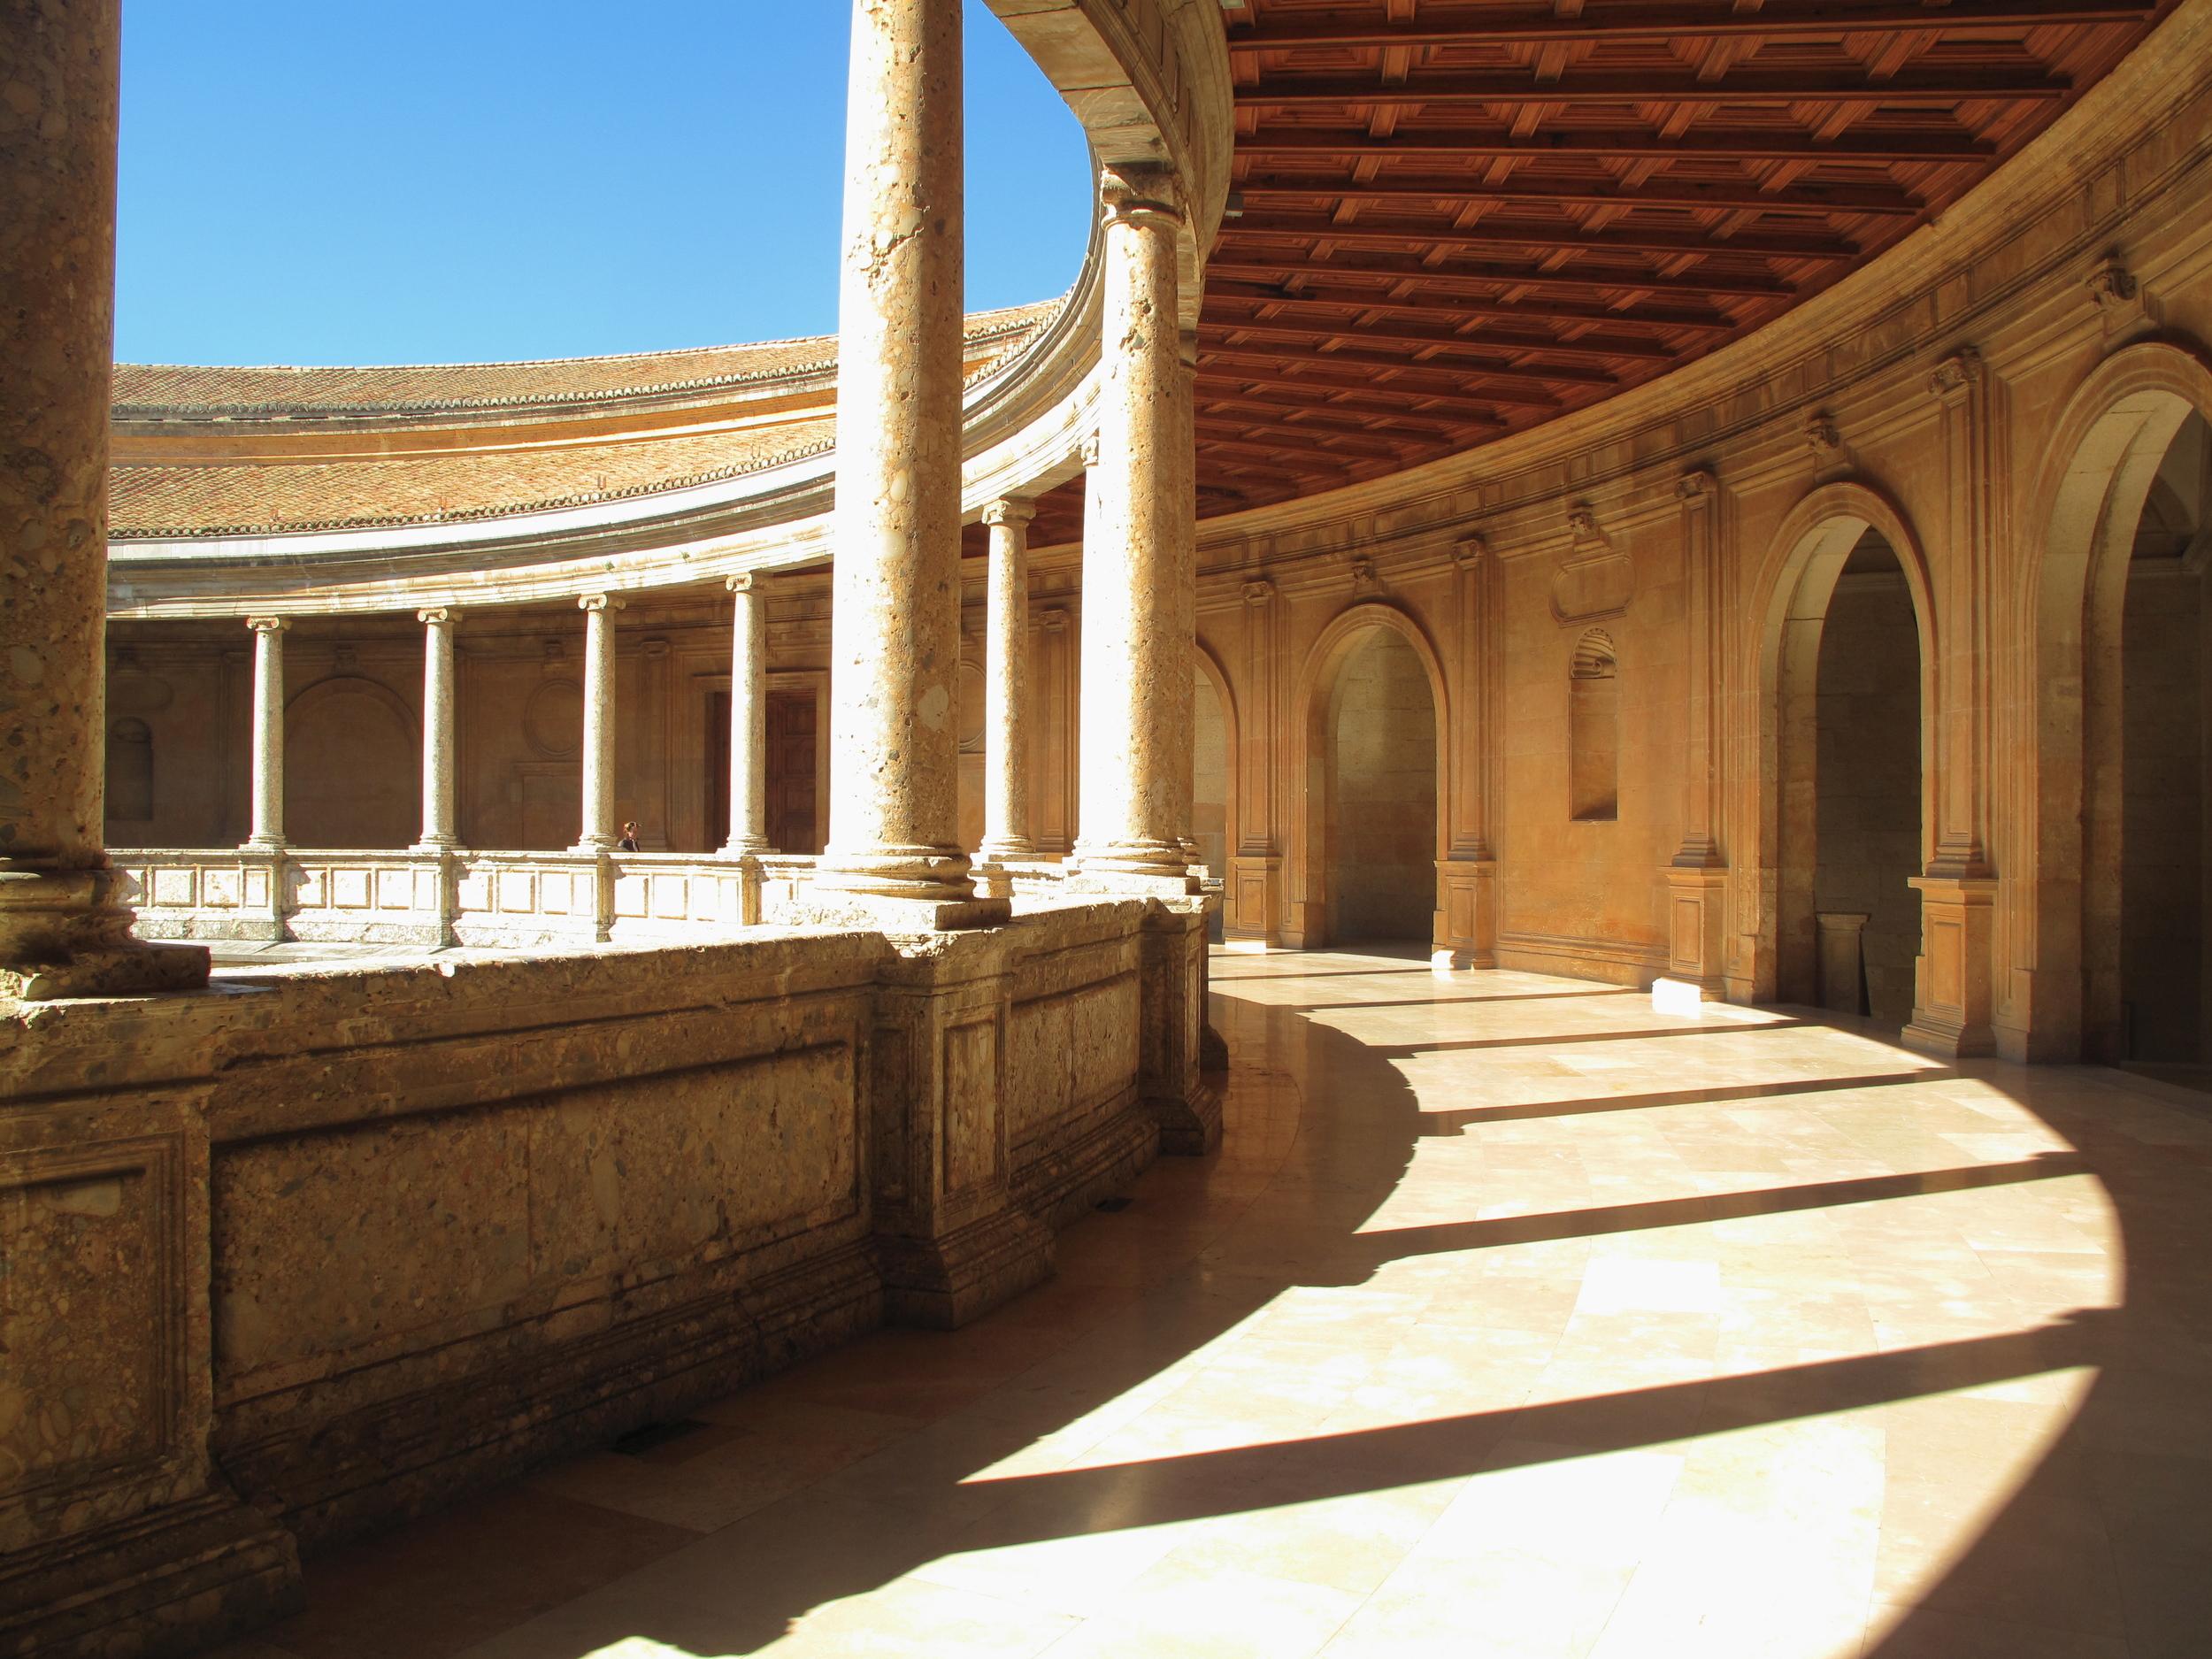 Circular courtyard of Charles V palace at Alhambra